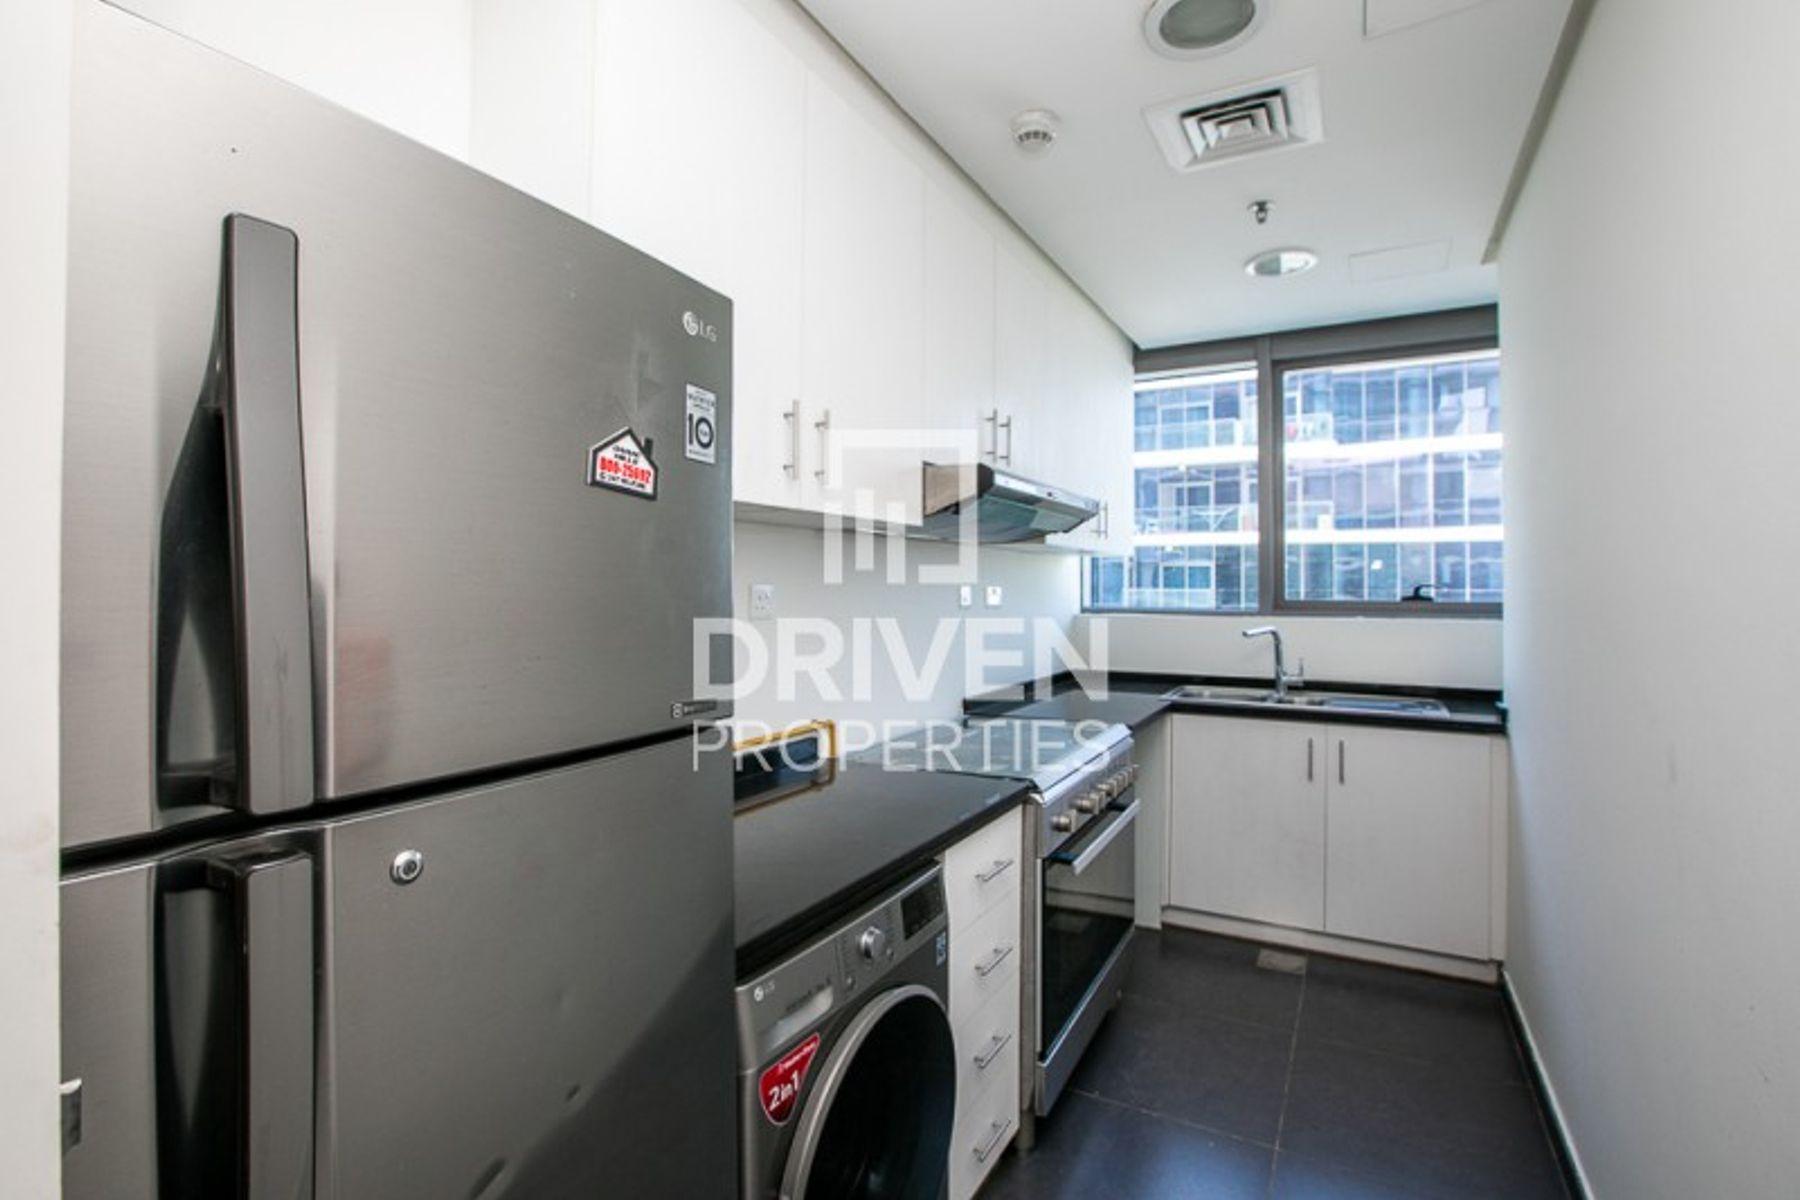 للايجار - شقة - جولف بروموناد 4A - داماك هيلز (أكويا باي داماك)